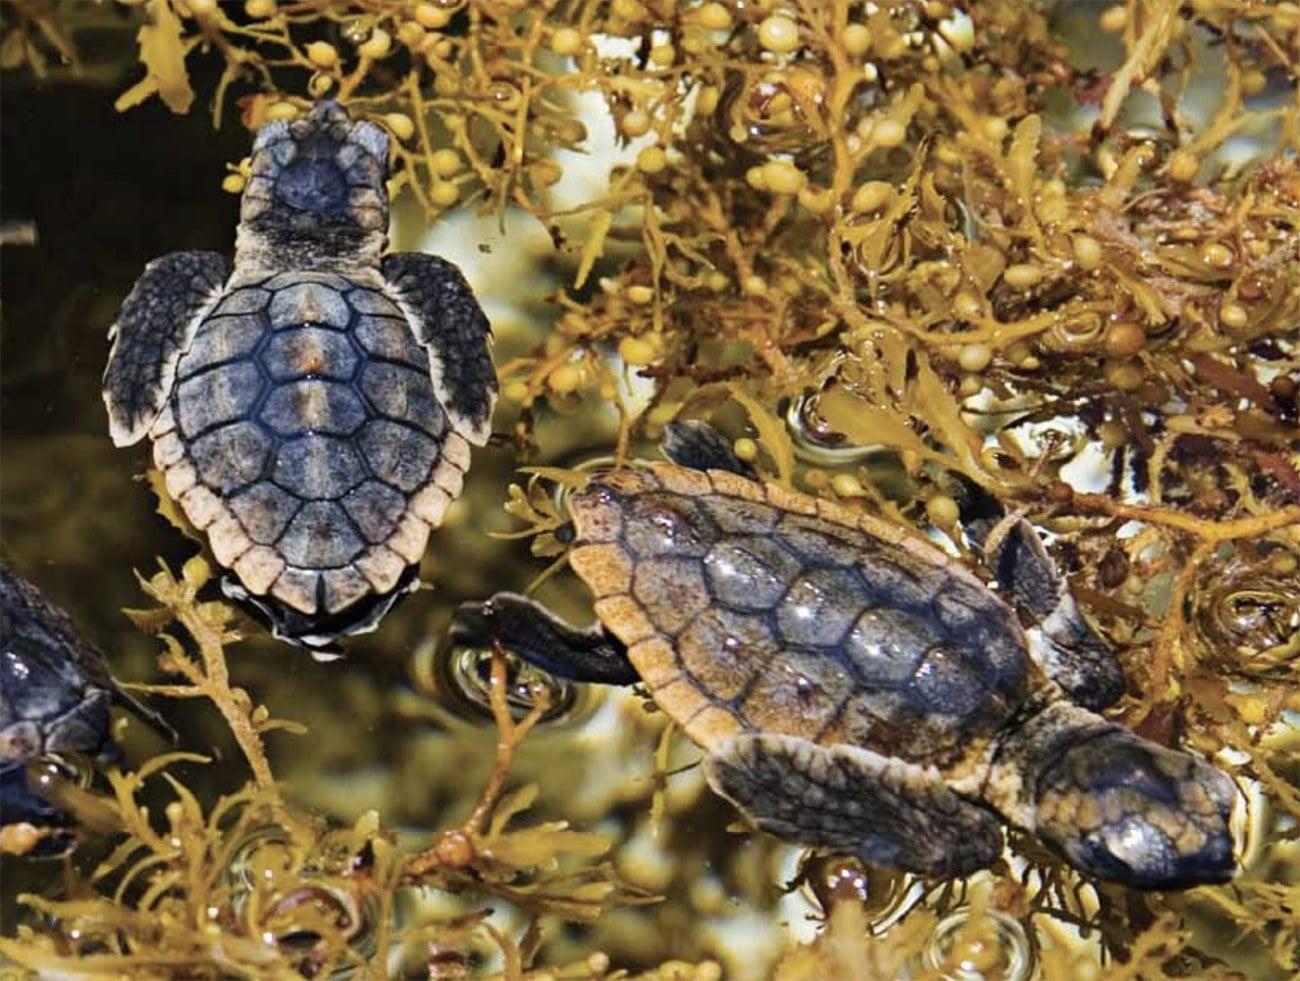 Imagem de tartarugas se alimentando de sargaços